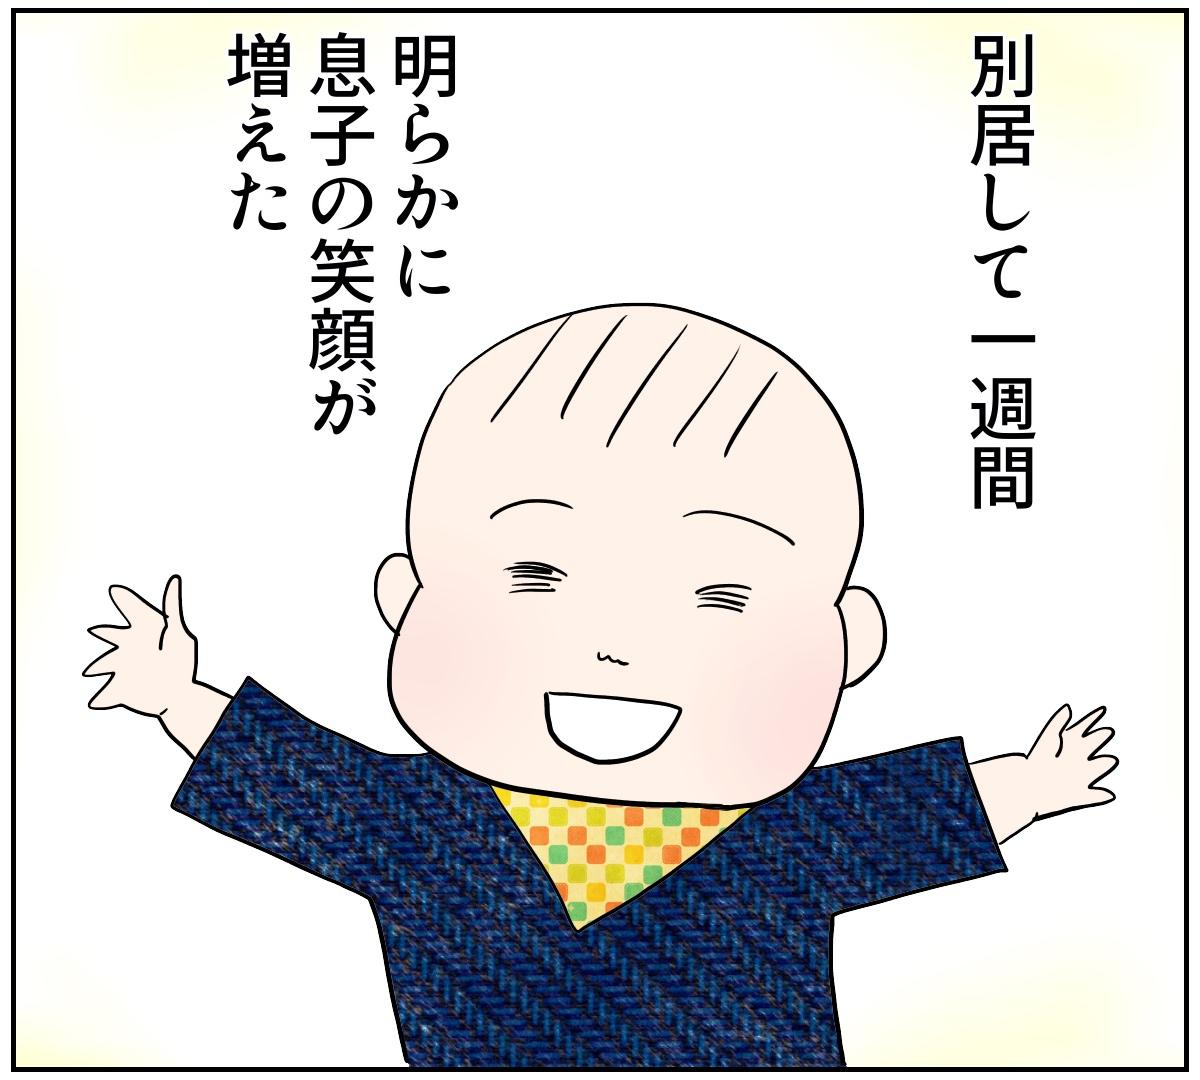 f:id:kaco-matsu:20190808114123j:plain